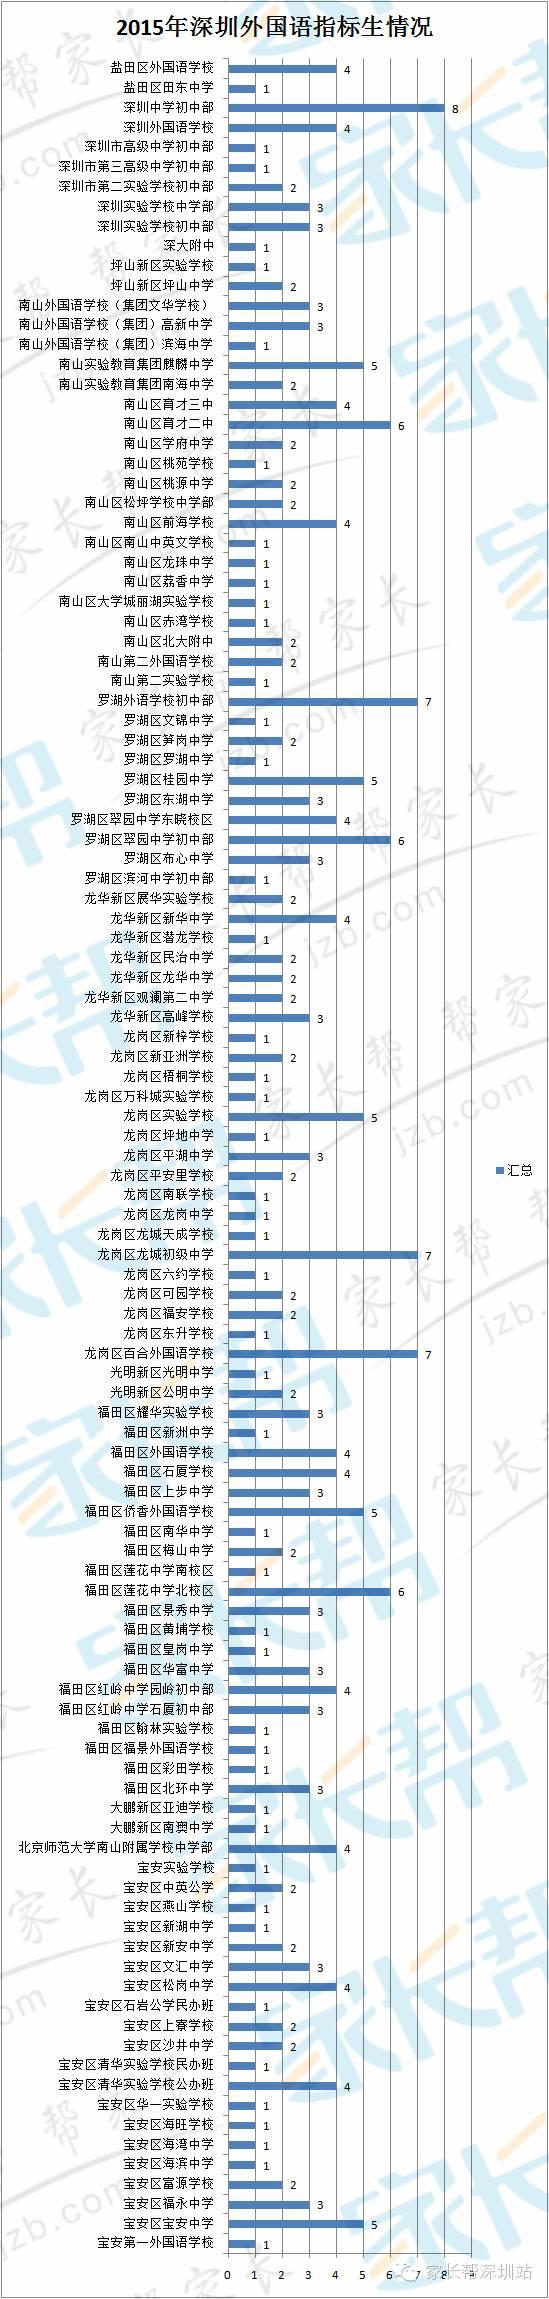 深圳外国语指标生